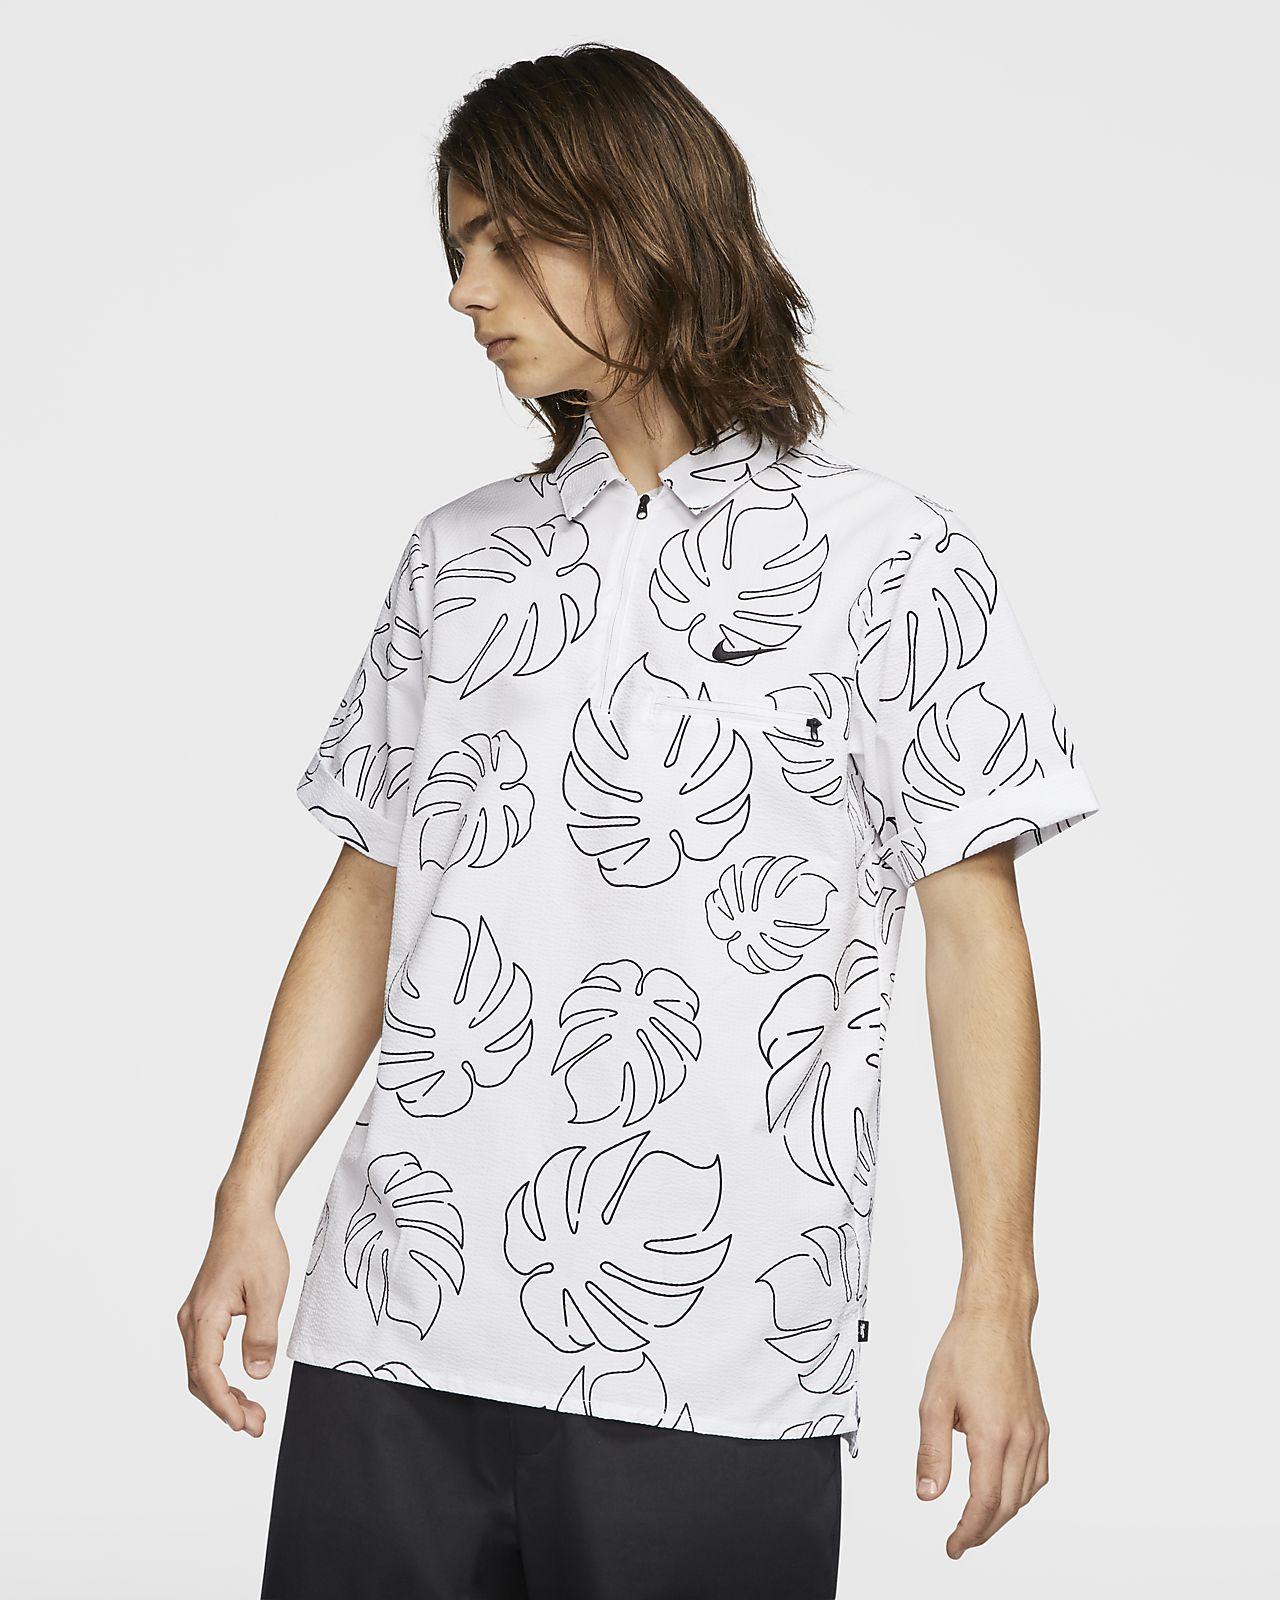 Nike SB vevd skateskjorte til herre